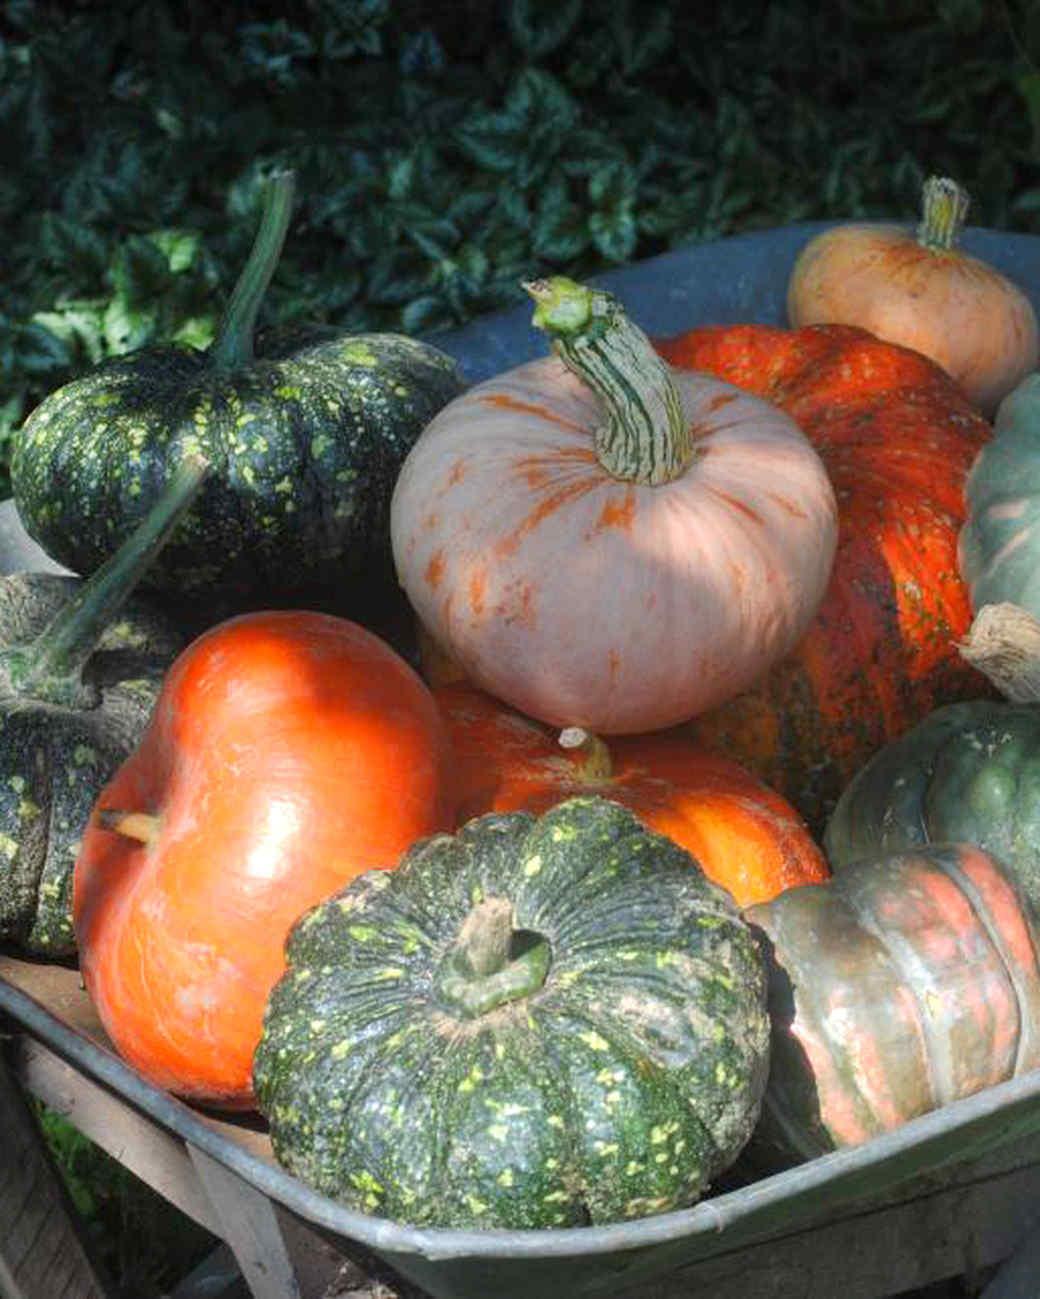 unusual-pumpkins-mslb7021.jpg